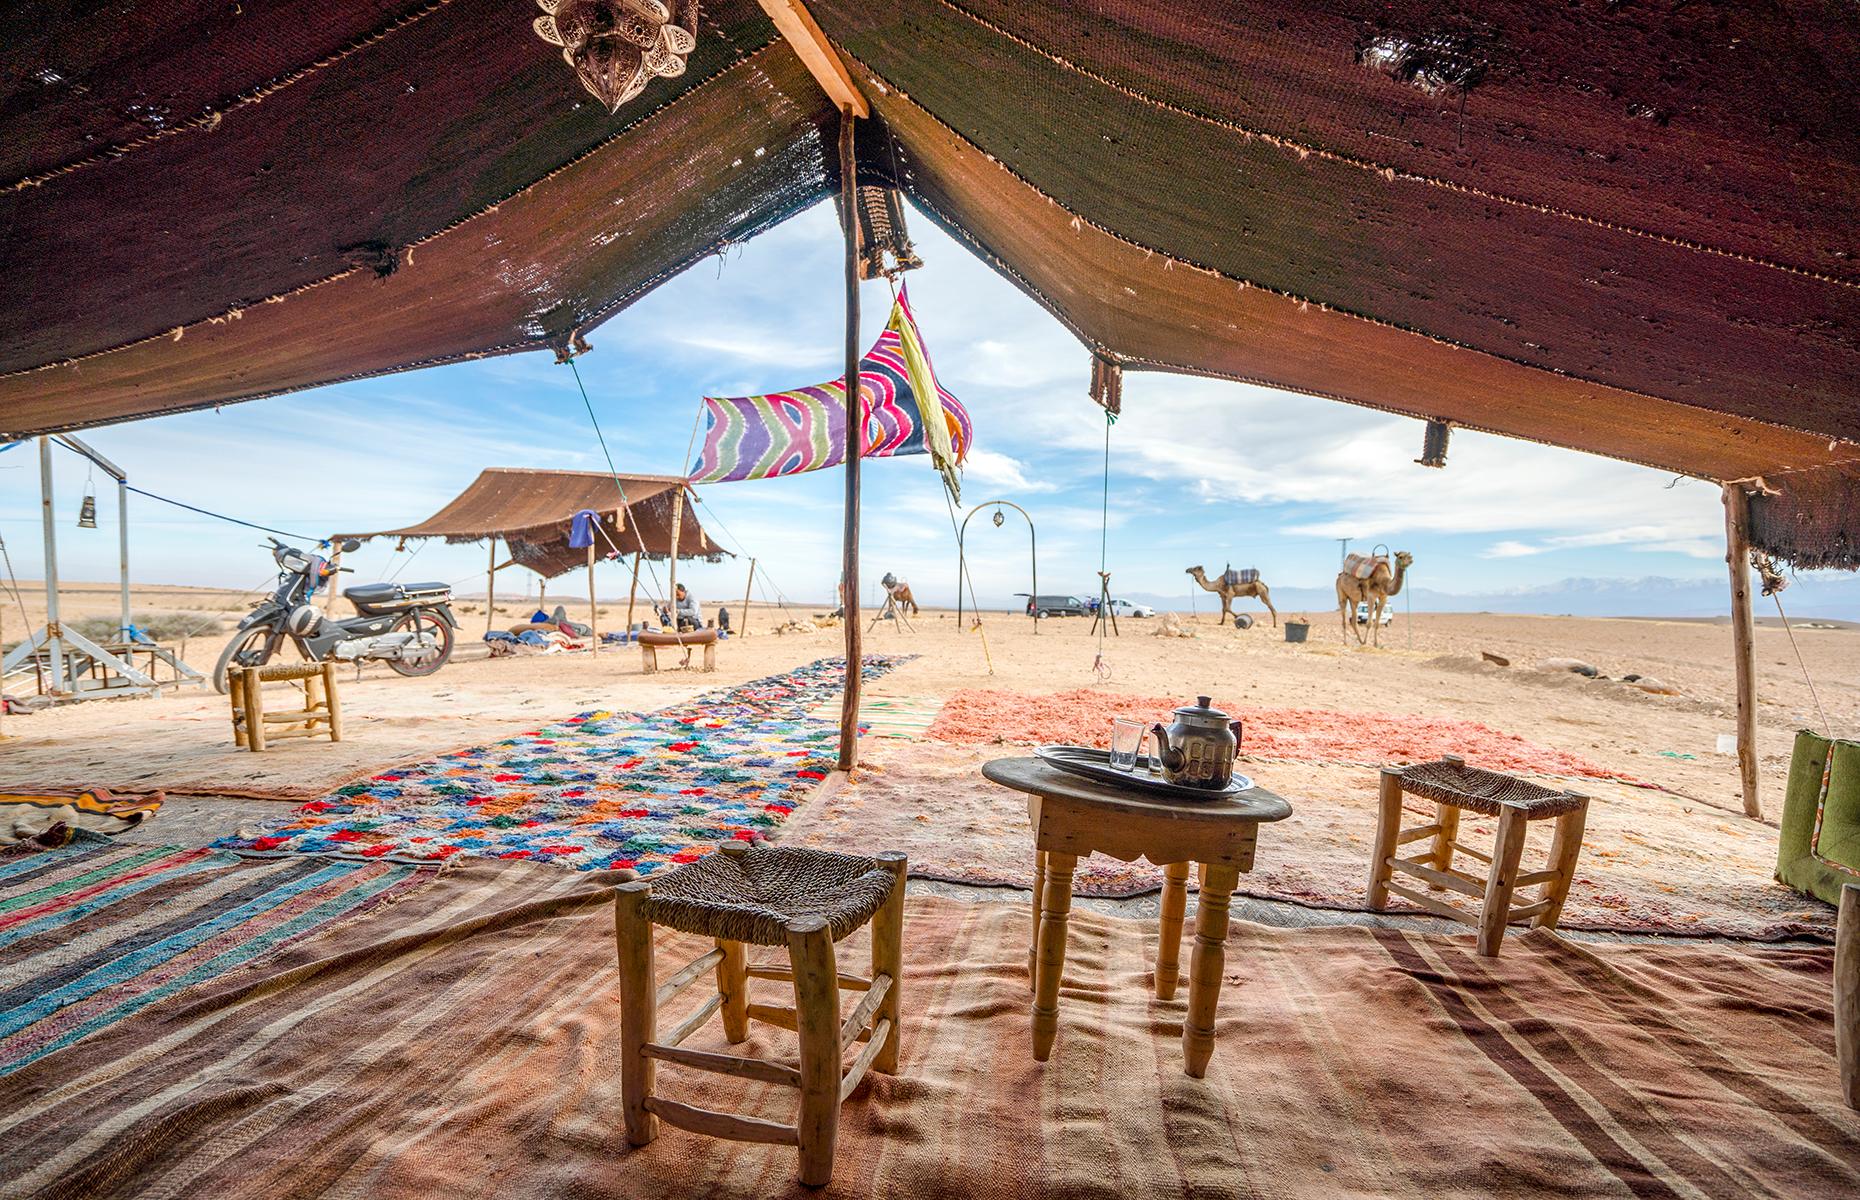 Bedouin camp in Agafay Desert (Image: Sopotnicki/Shutterstock)